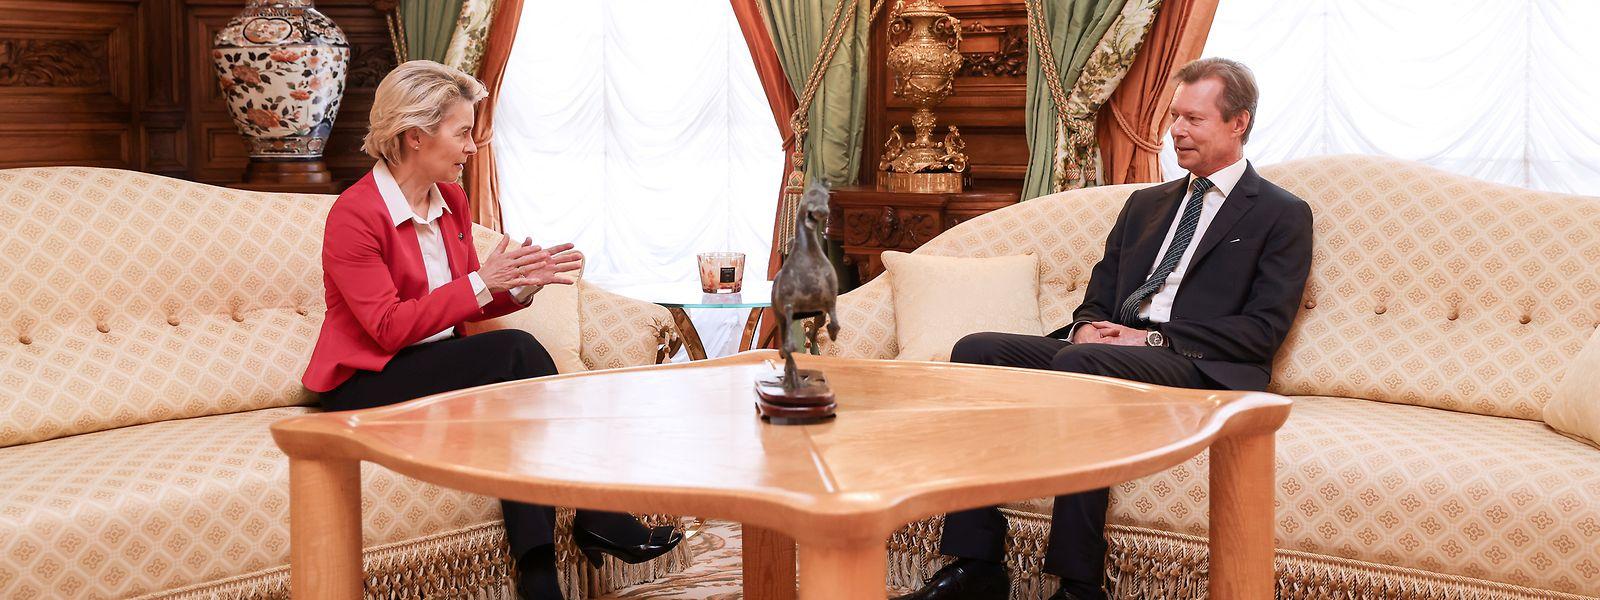 Die EU-Kommissionspräsidentin nutzte ihren Besuch in Luxemburg für eine Audienz beim Großherzog.